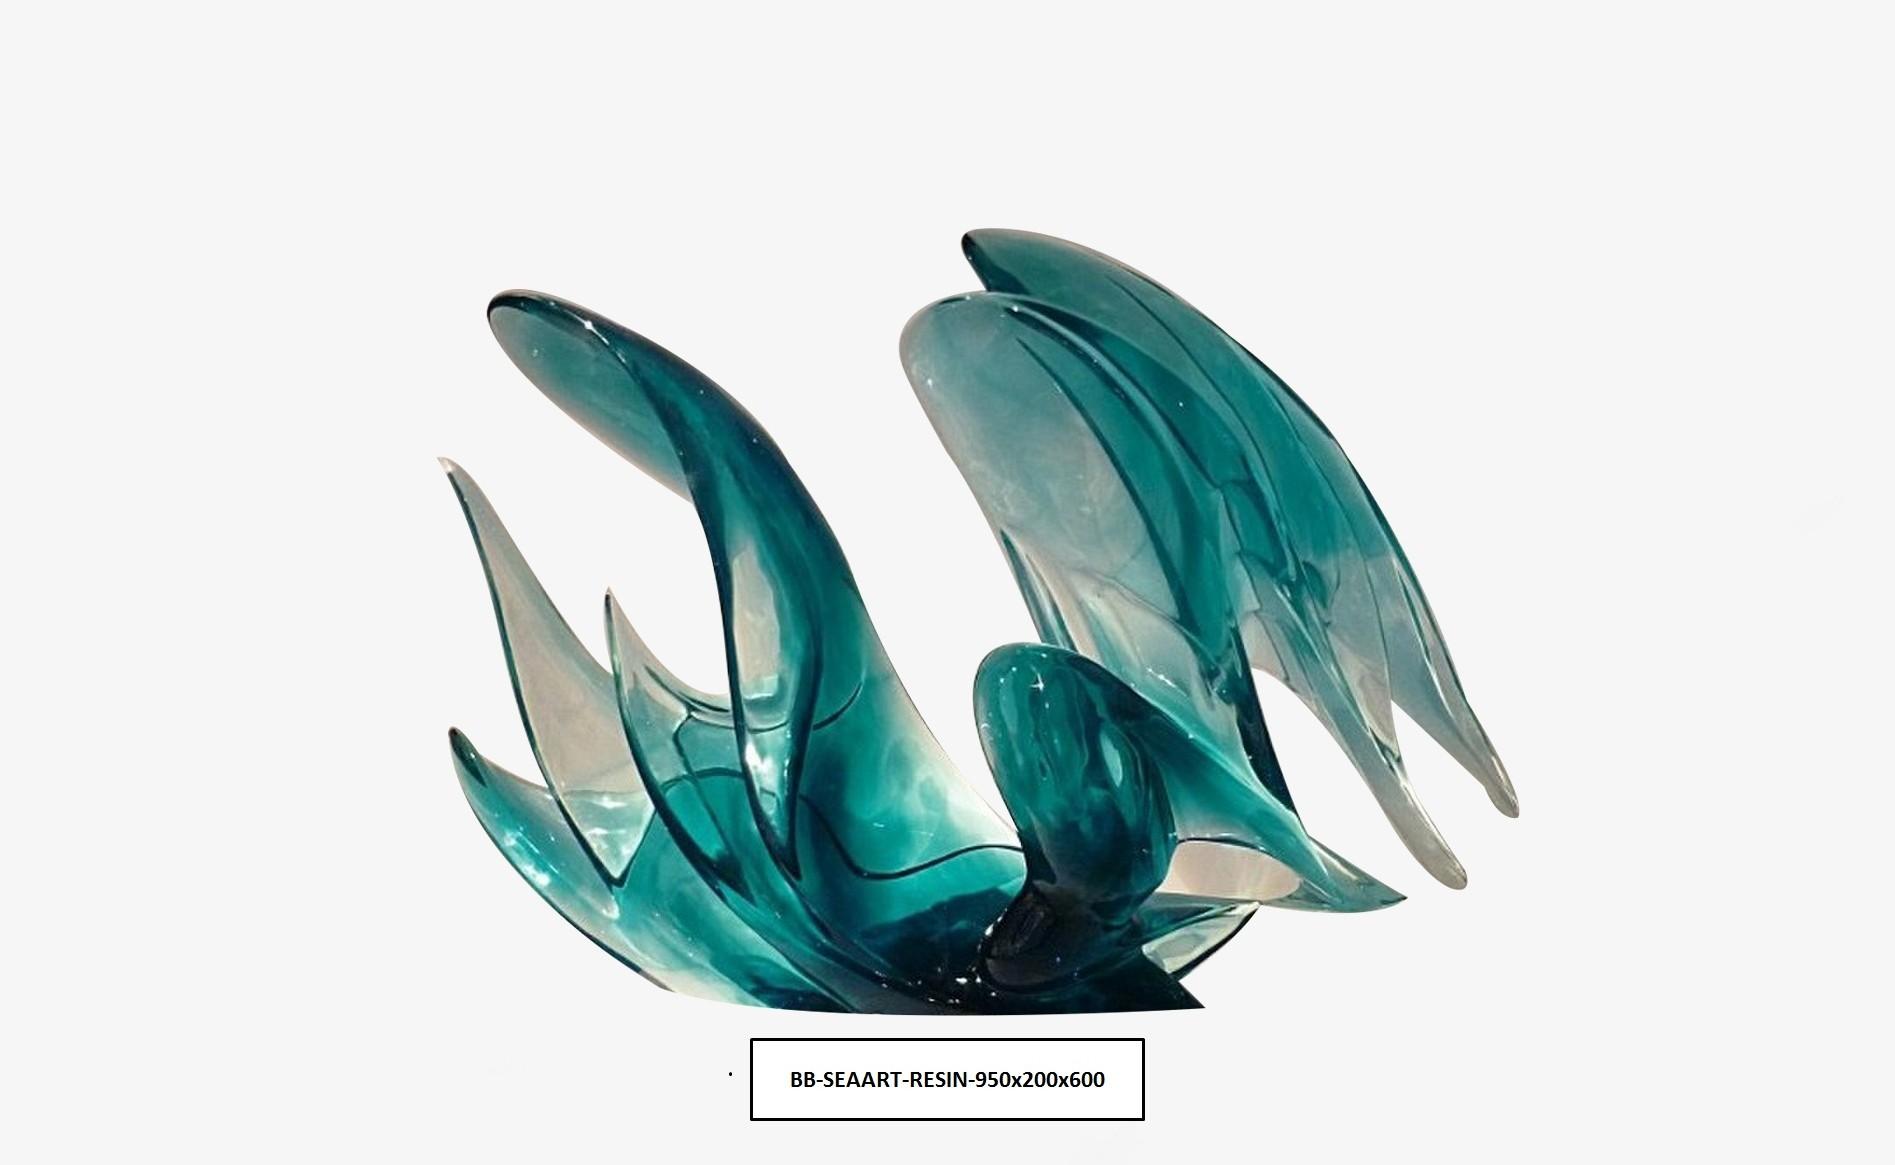 bbdecor.vn-jm-resin-950x200x600